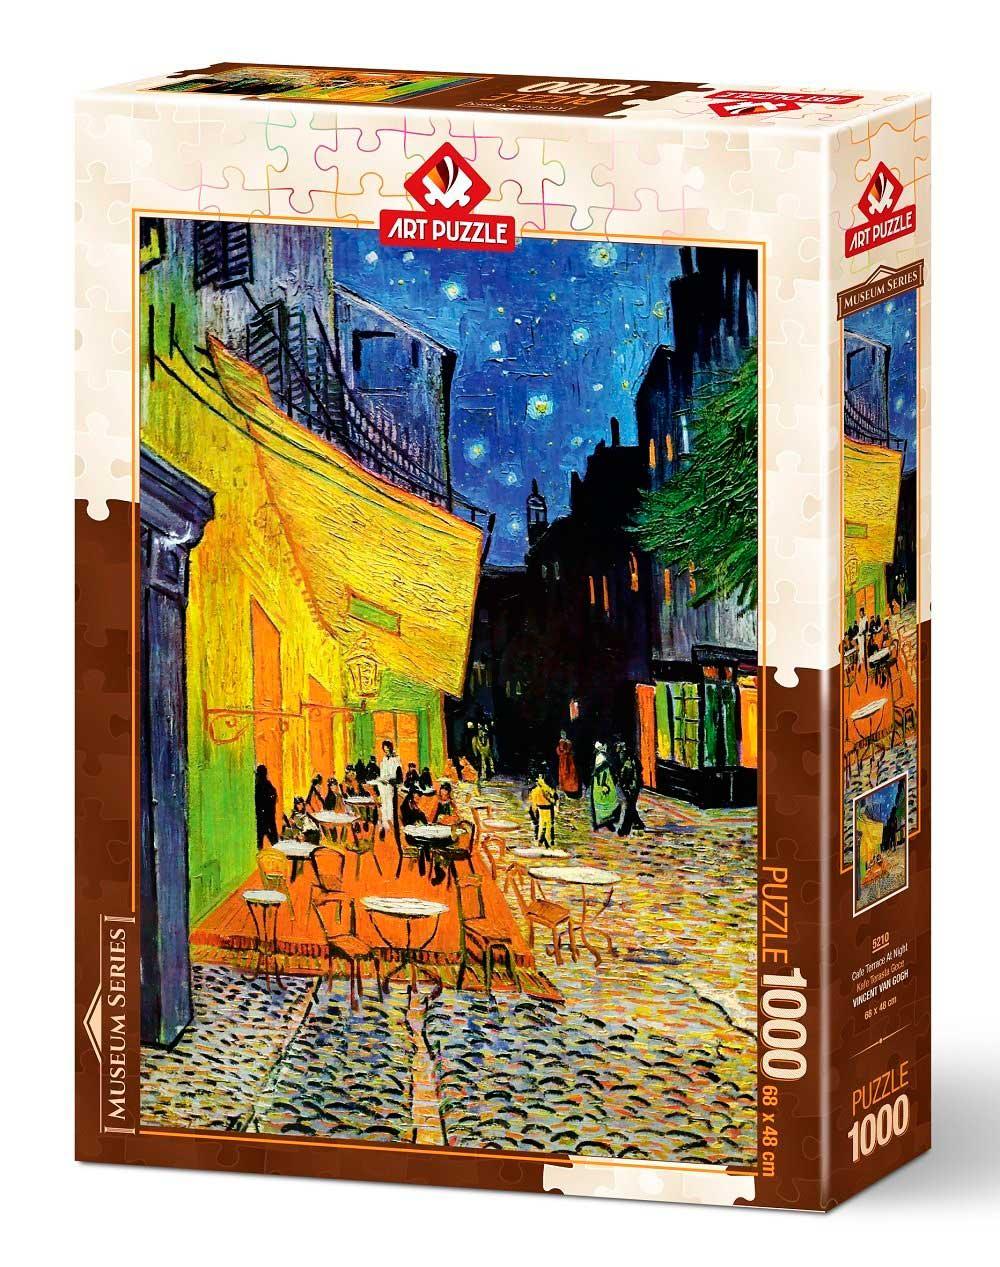 Puzzle Art Puzzle Terraza de Café por la Noche de 1000 Piezas